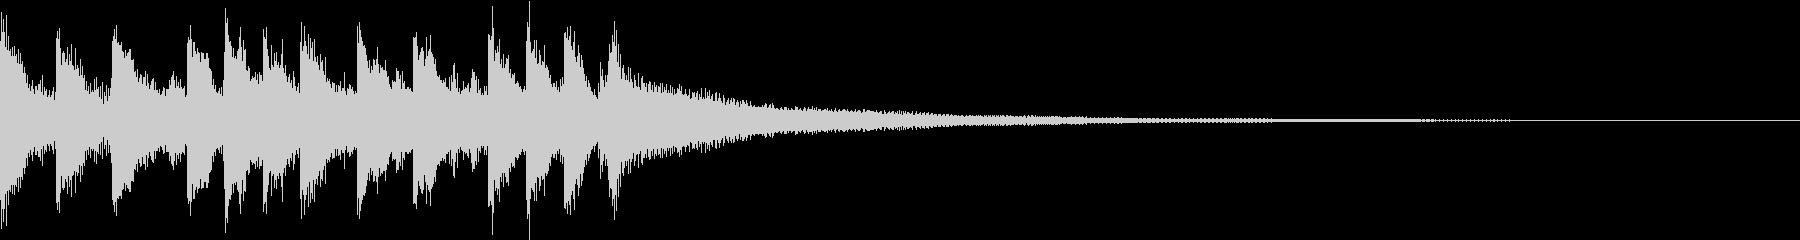 キャッチーEDM・ADMジングルの未再生の波形